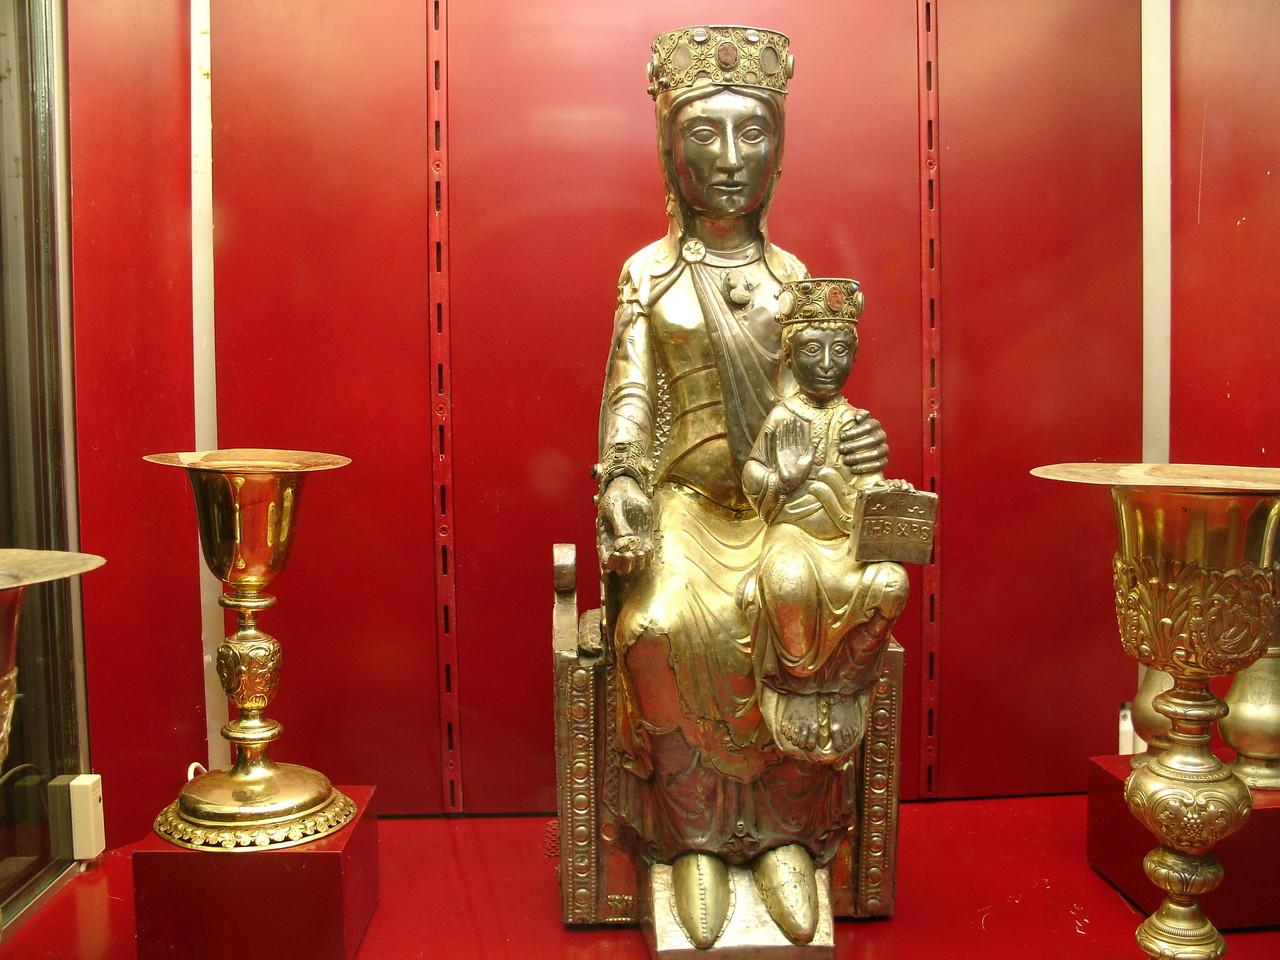 Beaulieu-sur-Dordogne : Vierge romane du 12è siècle